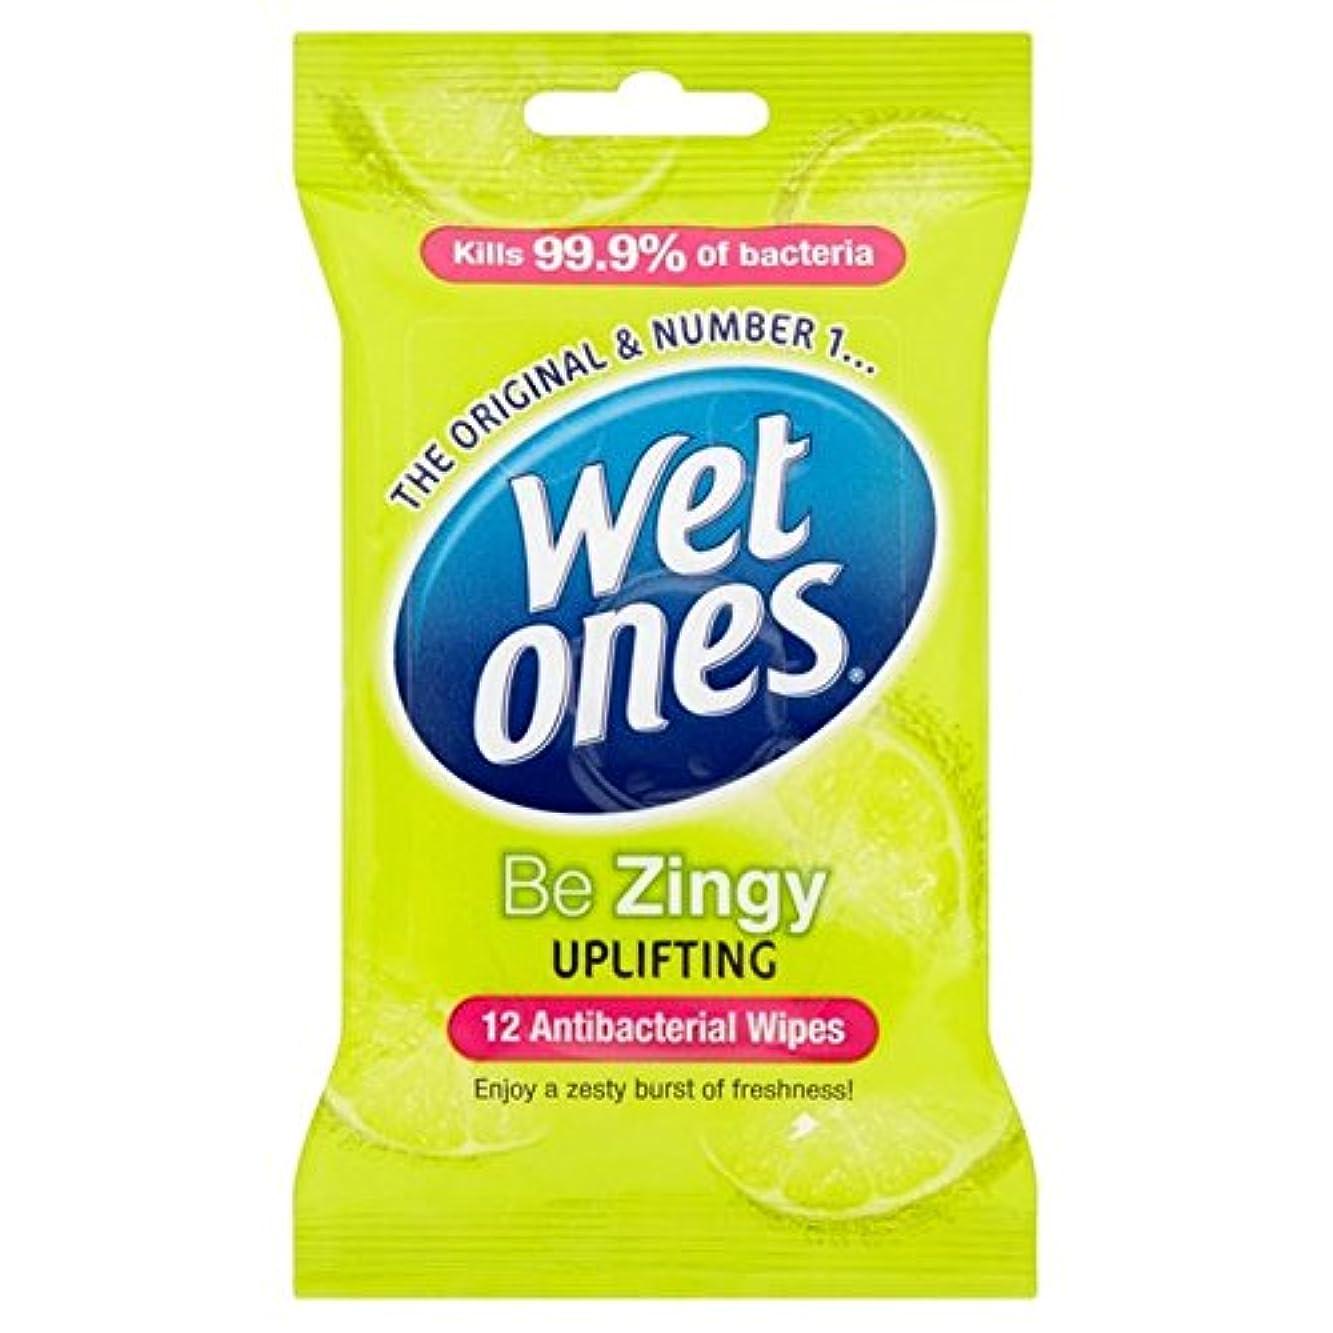 ビタミン属性パプアニューギニアWet Ones Cleansing Anti Bacterial Wipes 12 per pack (Pack of 6) - 抗バクテリアをクレンジング湿ったものはパックごとに12ワイプ x6 [並行輸入品]